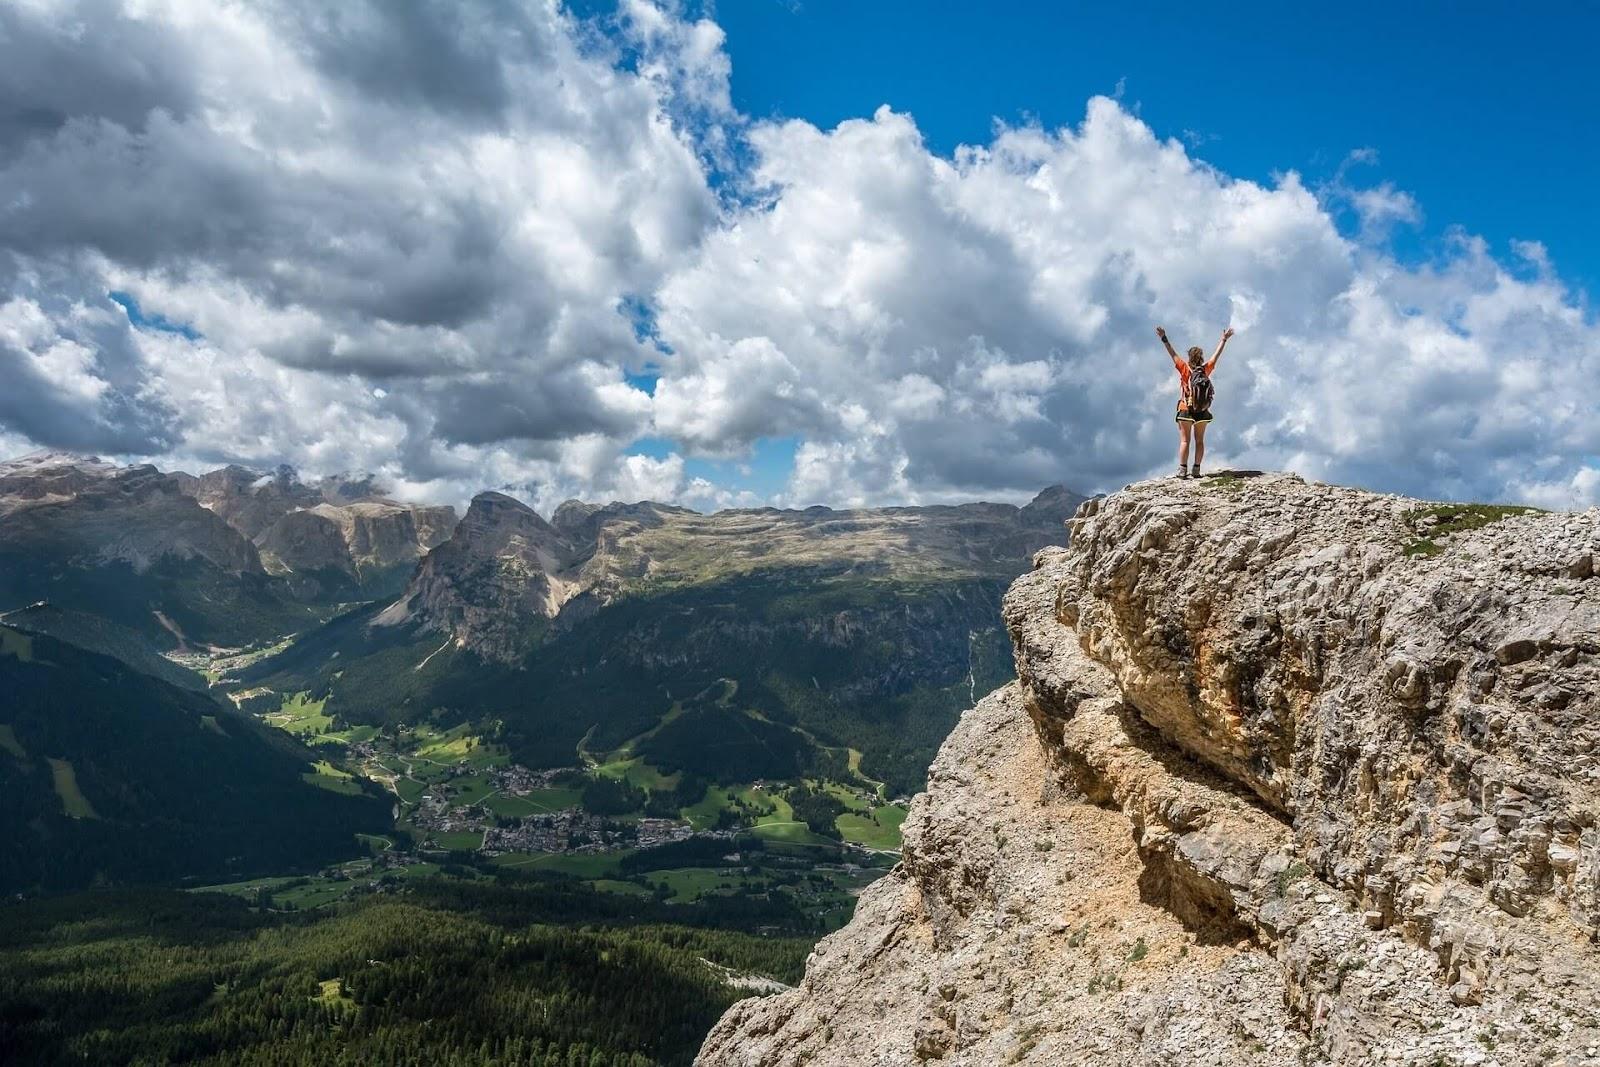 山頂で両腕を上げる人